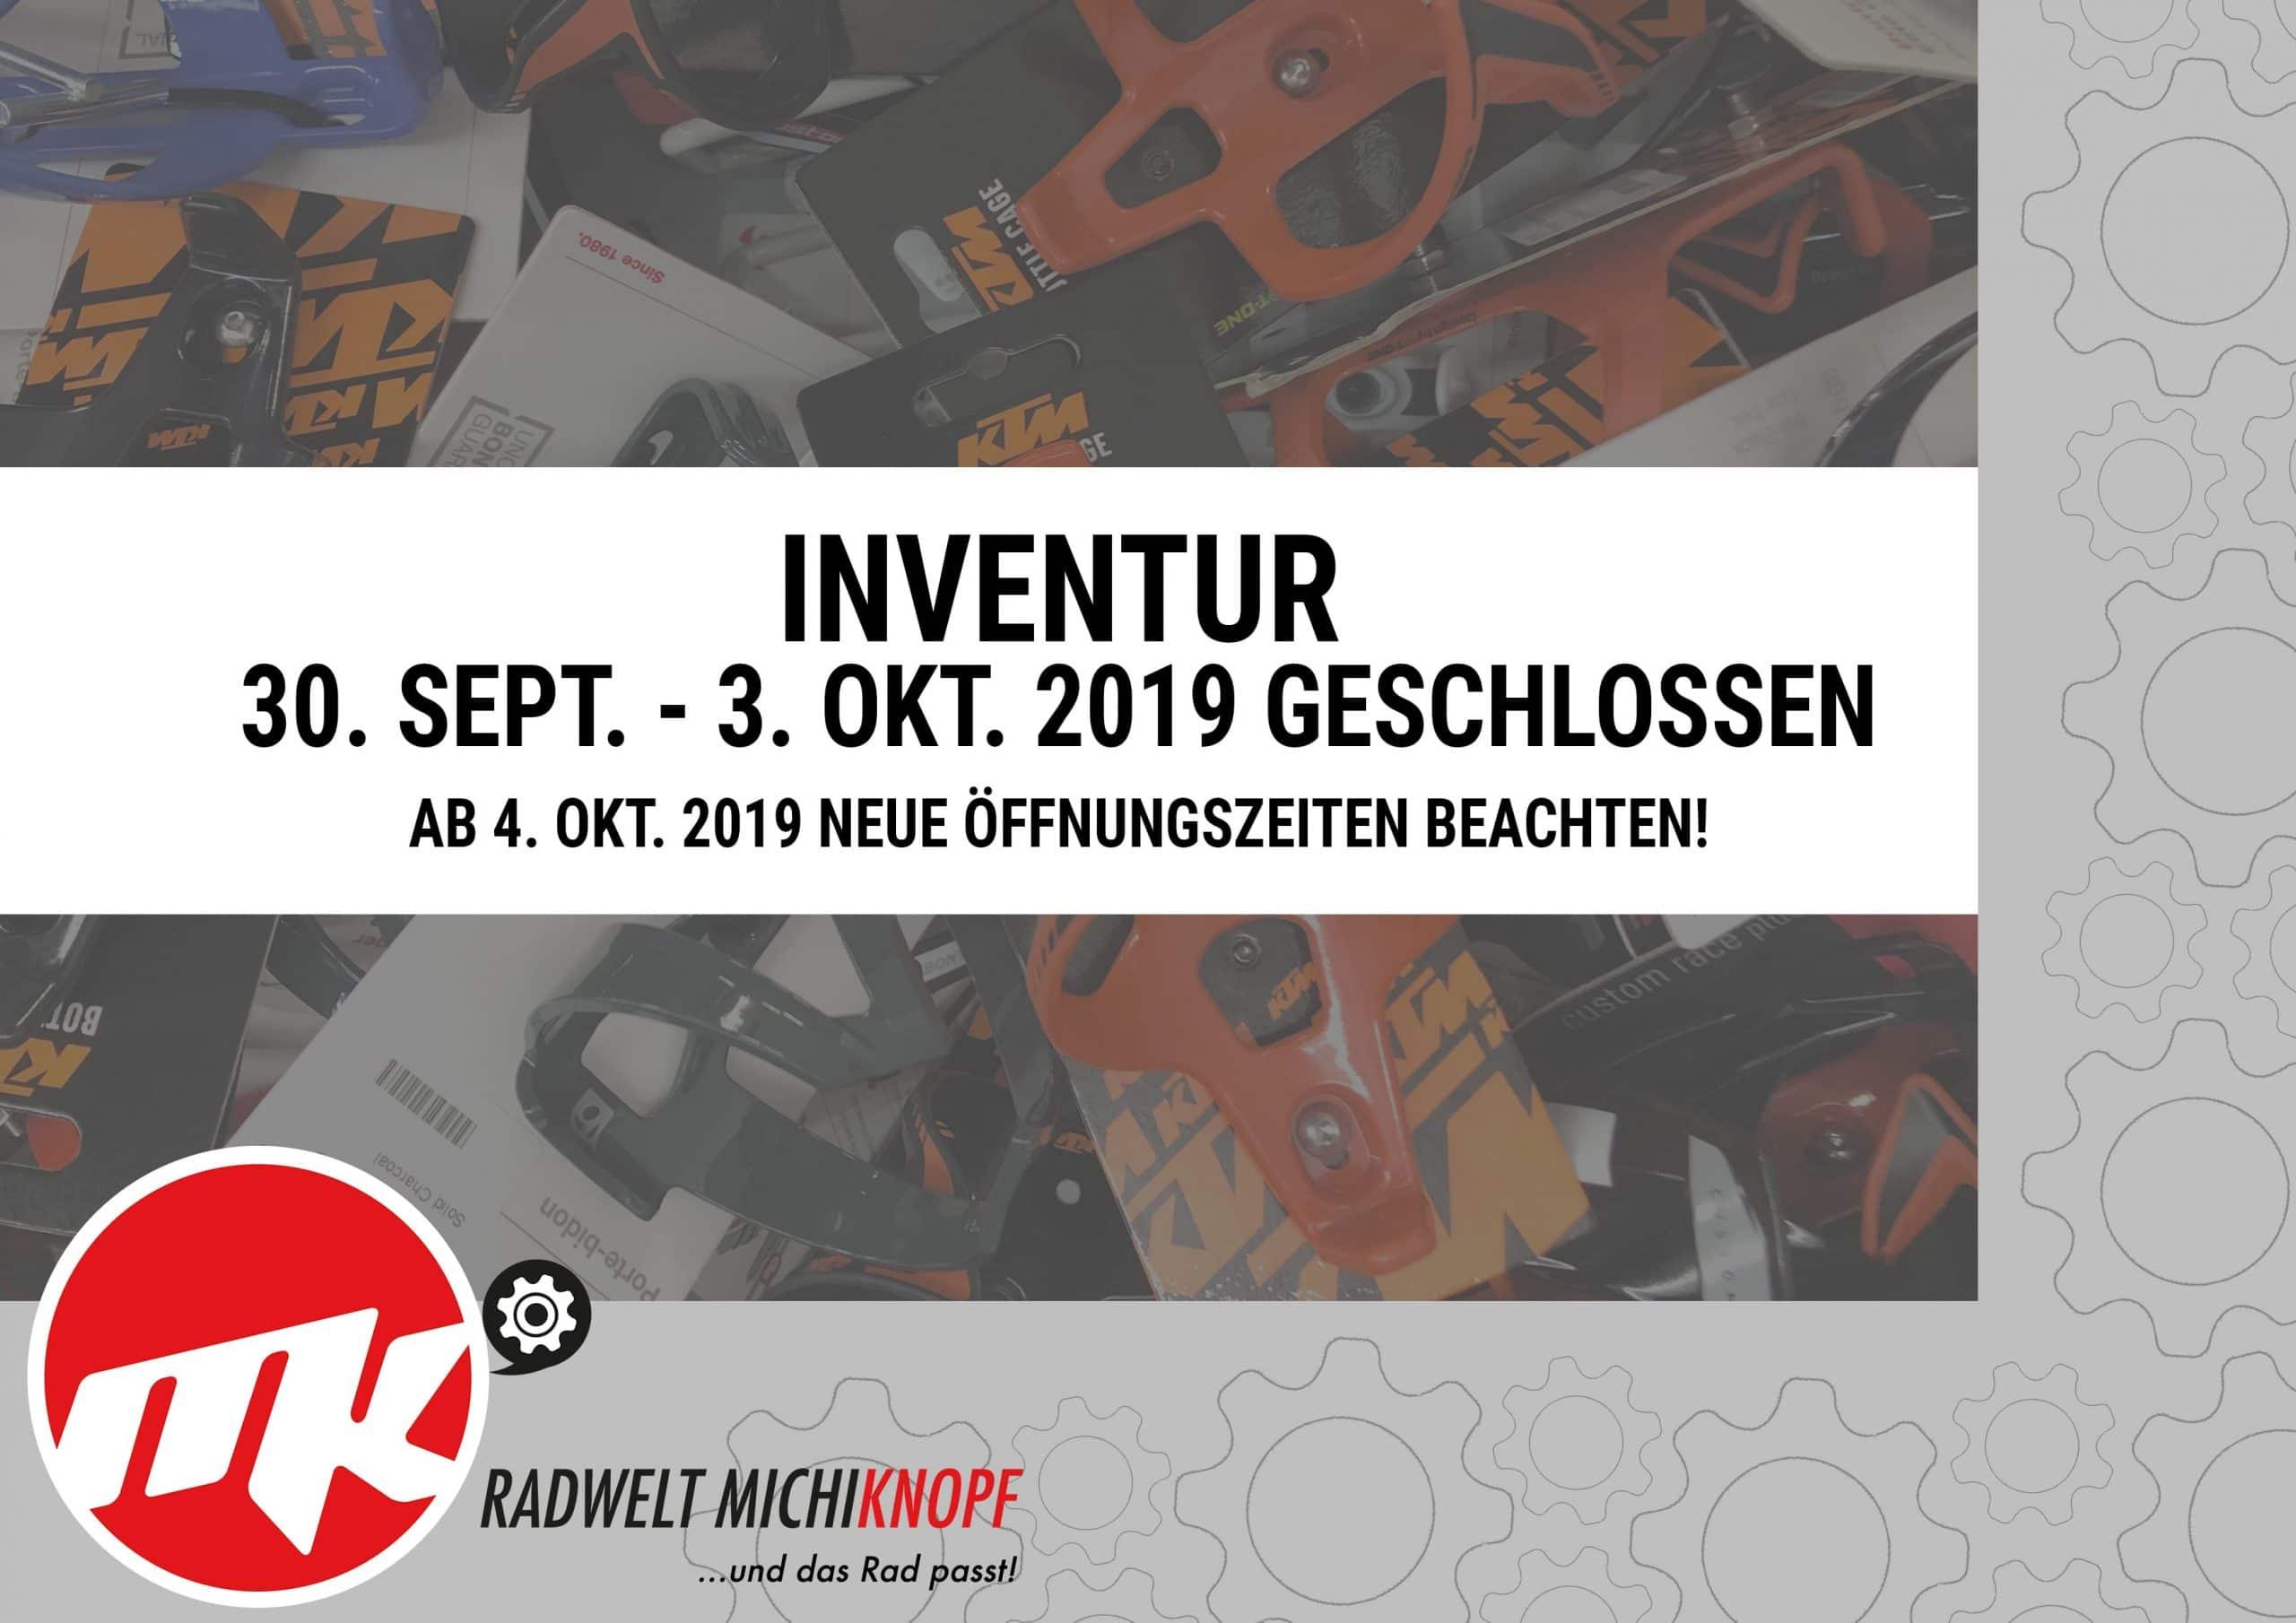 Inventur von 30. Sept. - 4. Okt. 2019